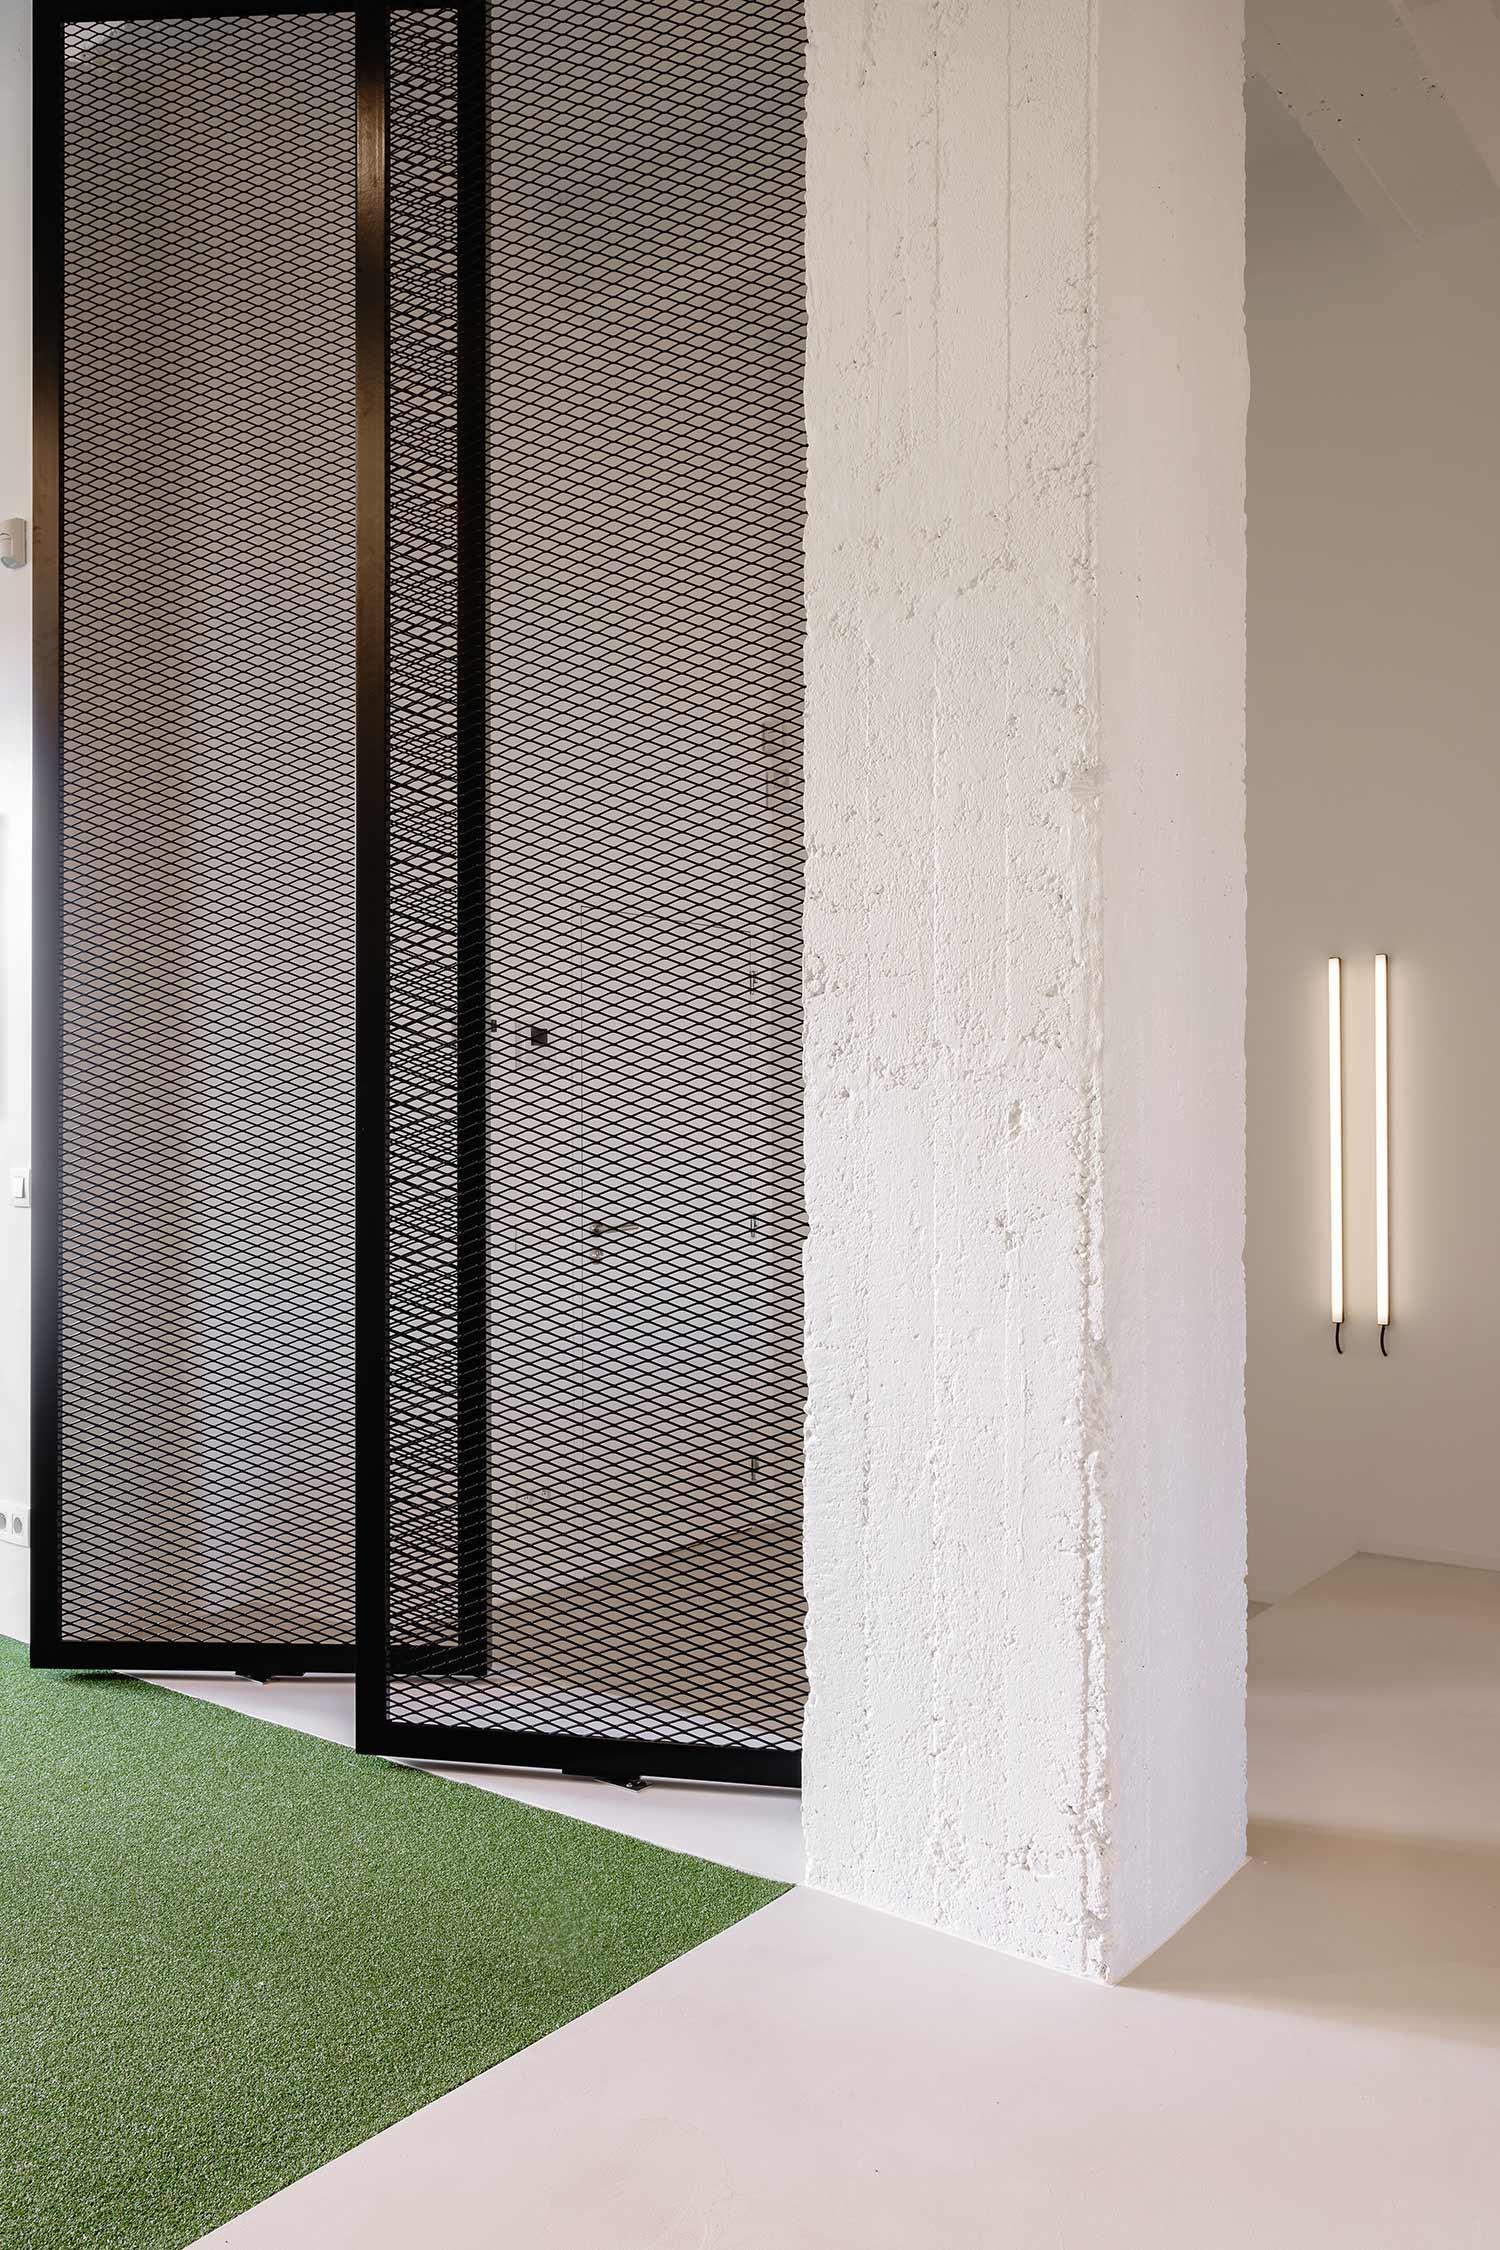 Studio Tolleneer Loft Eilandje Antwerpen Interieur